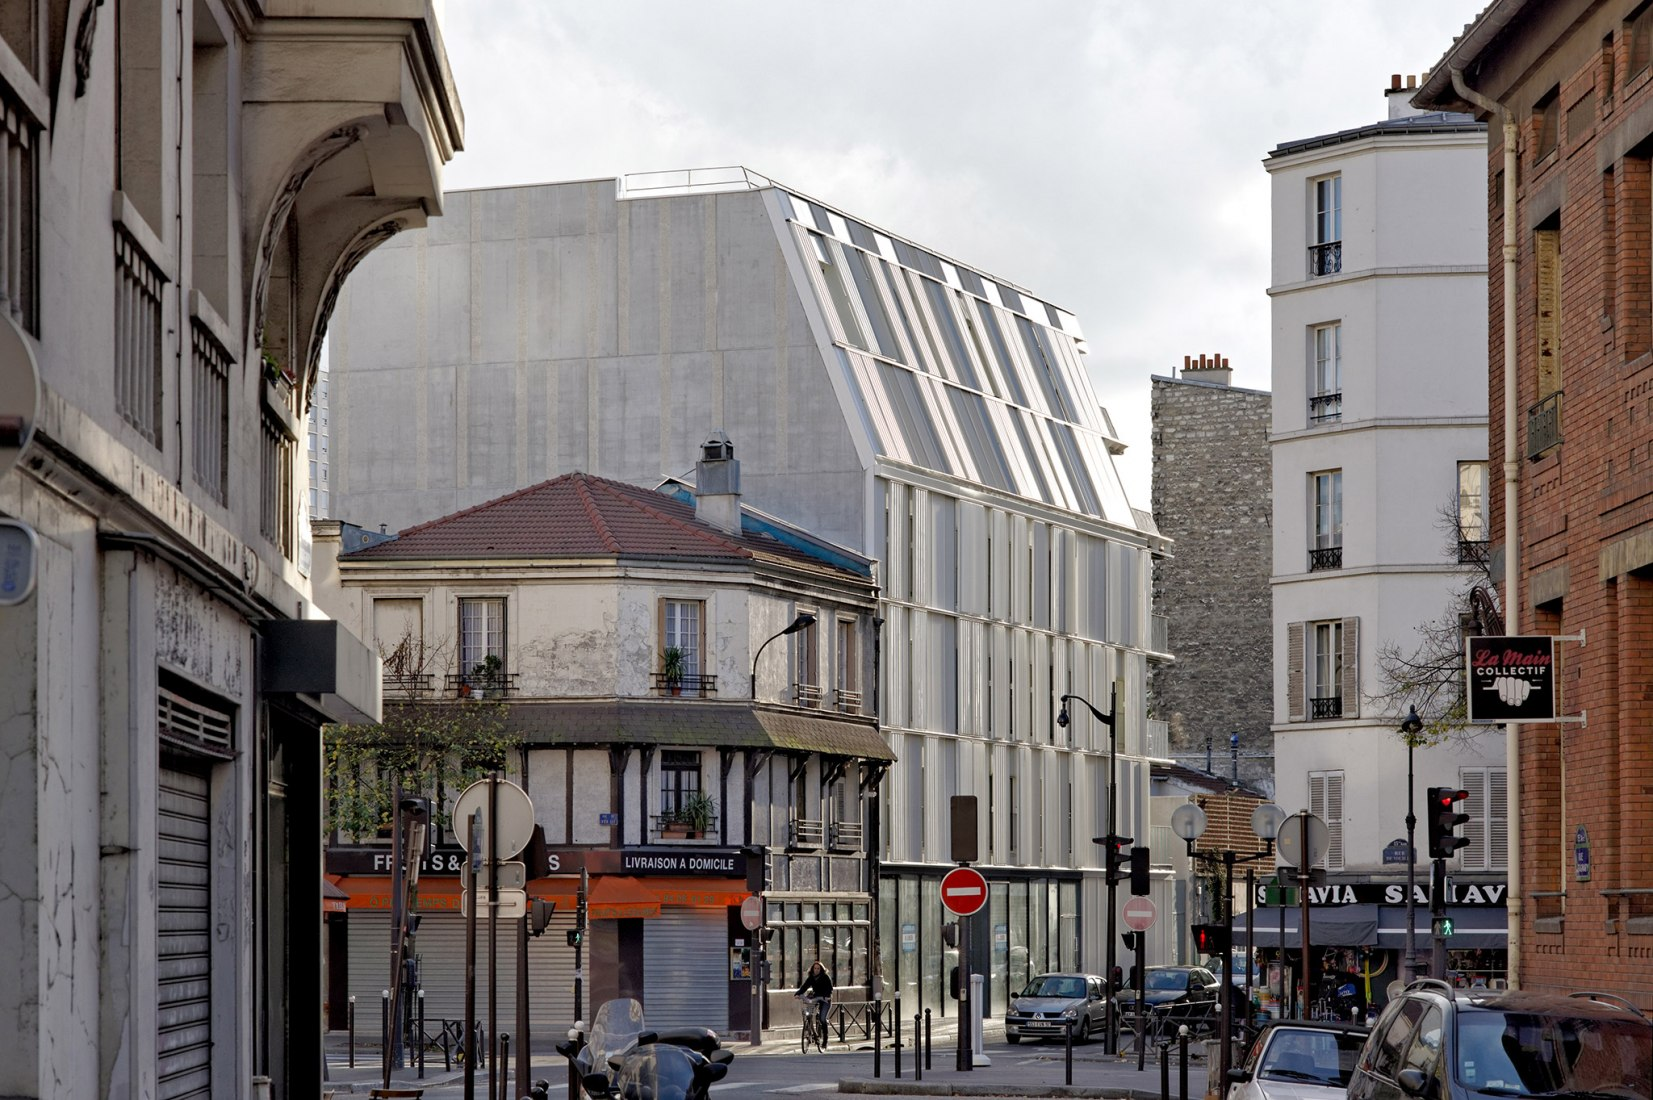 North View. 10 social housing units Paris 15e by Dietmar Feichtinger Architectes. Photograph © David Boureau.